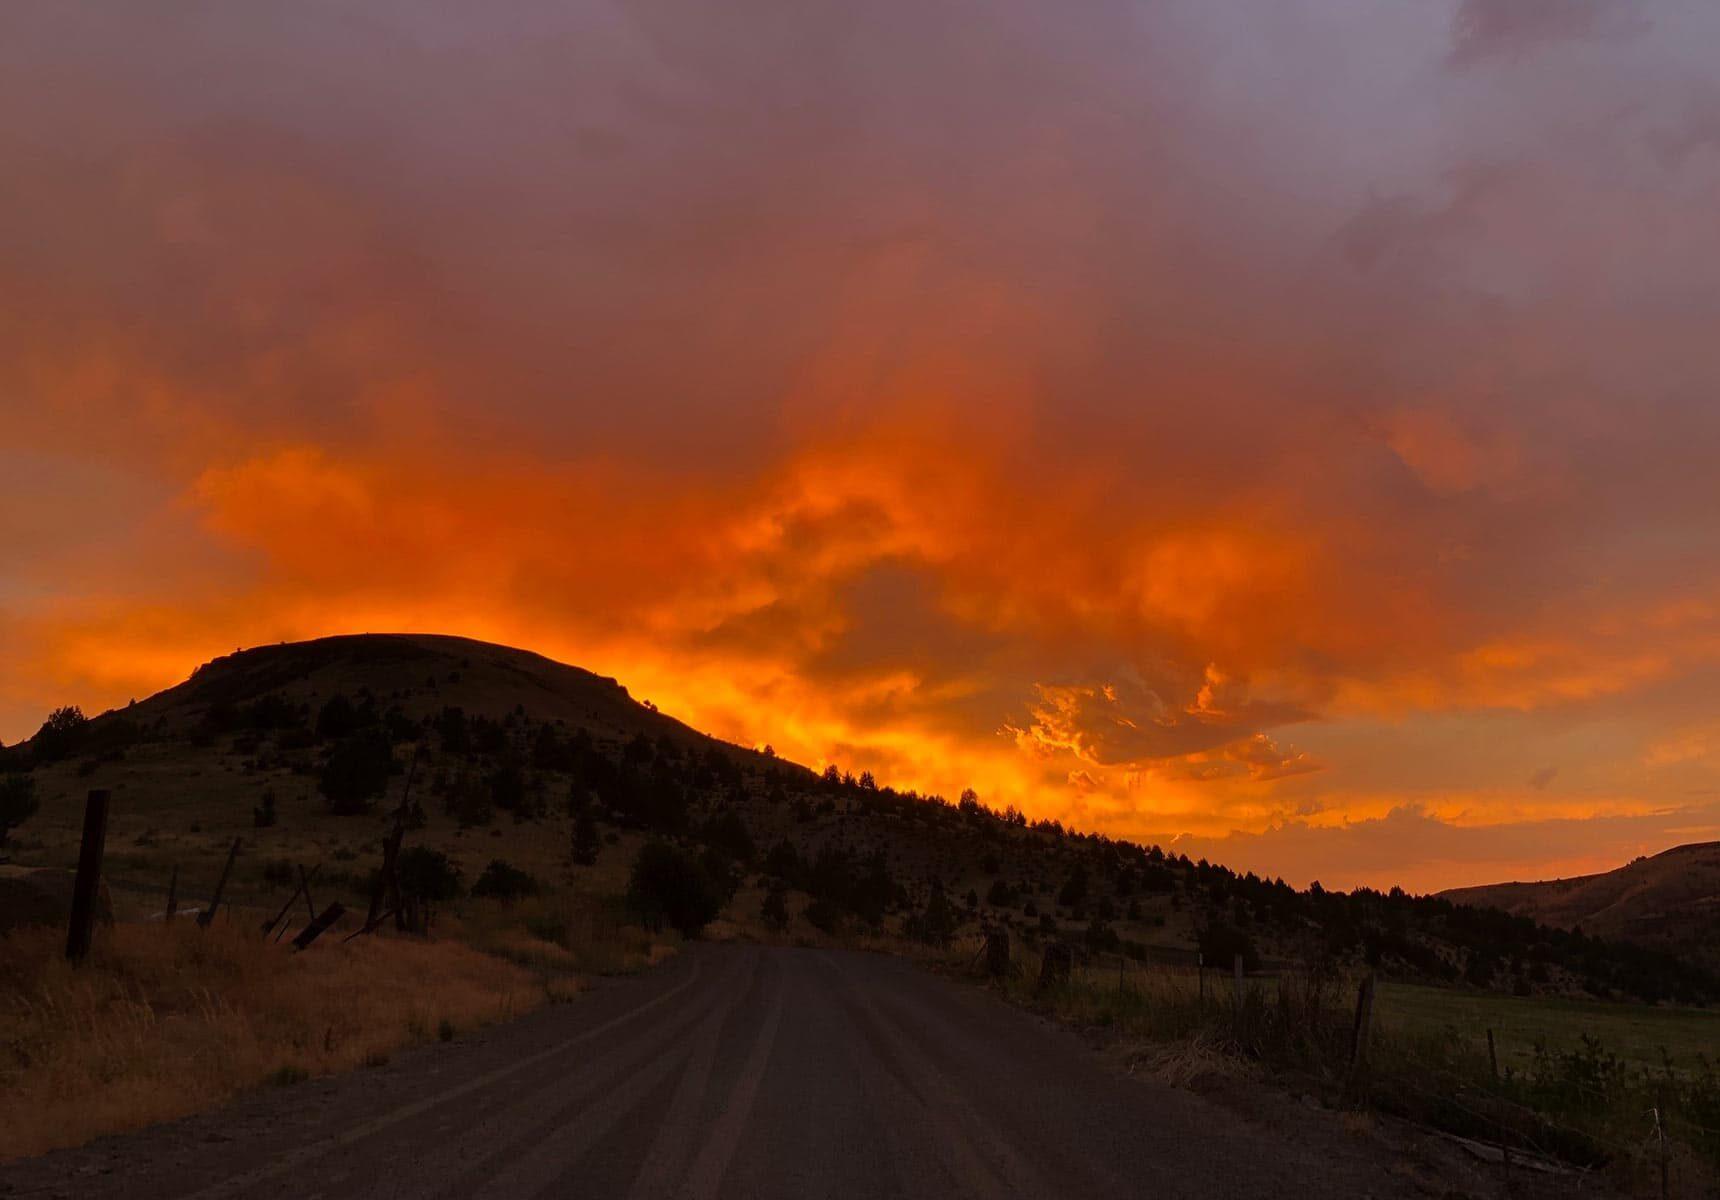 Bright Orange Sunset sky